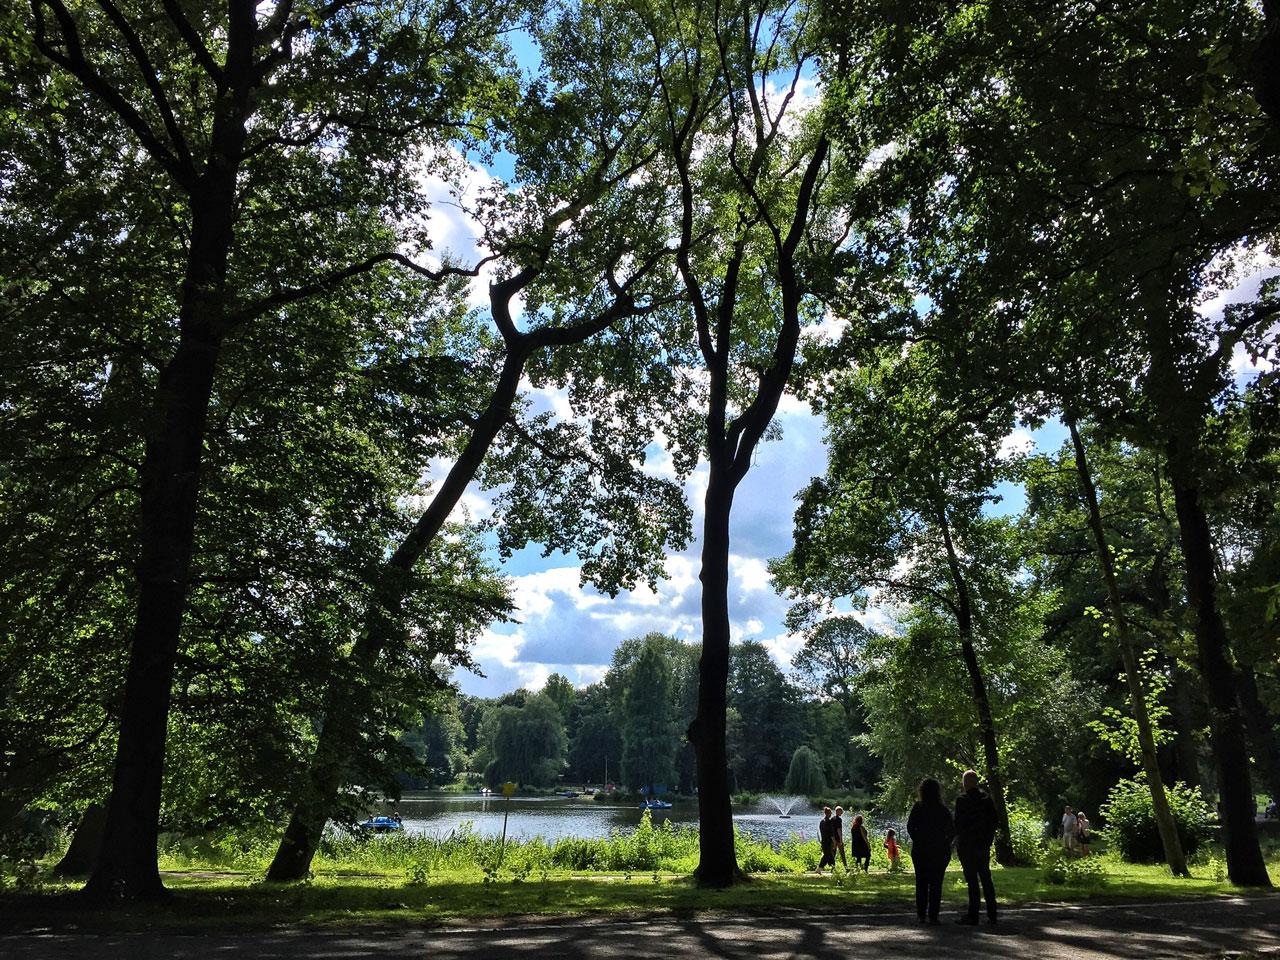 Fredenbaumpark Dortmund großer Teich